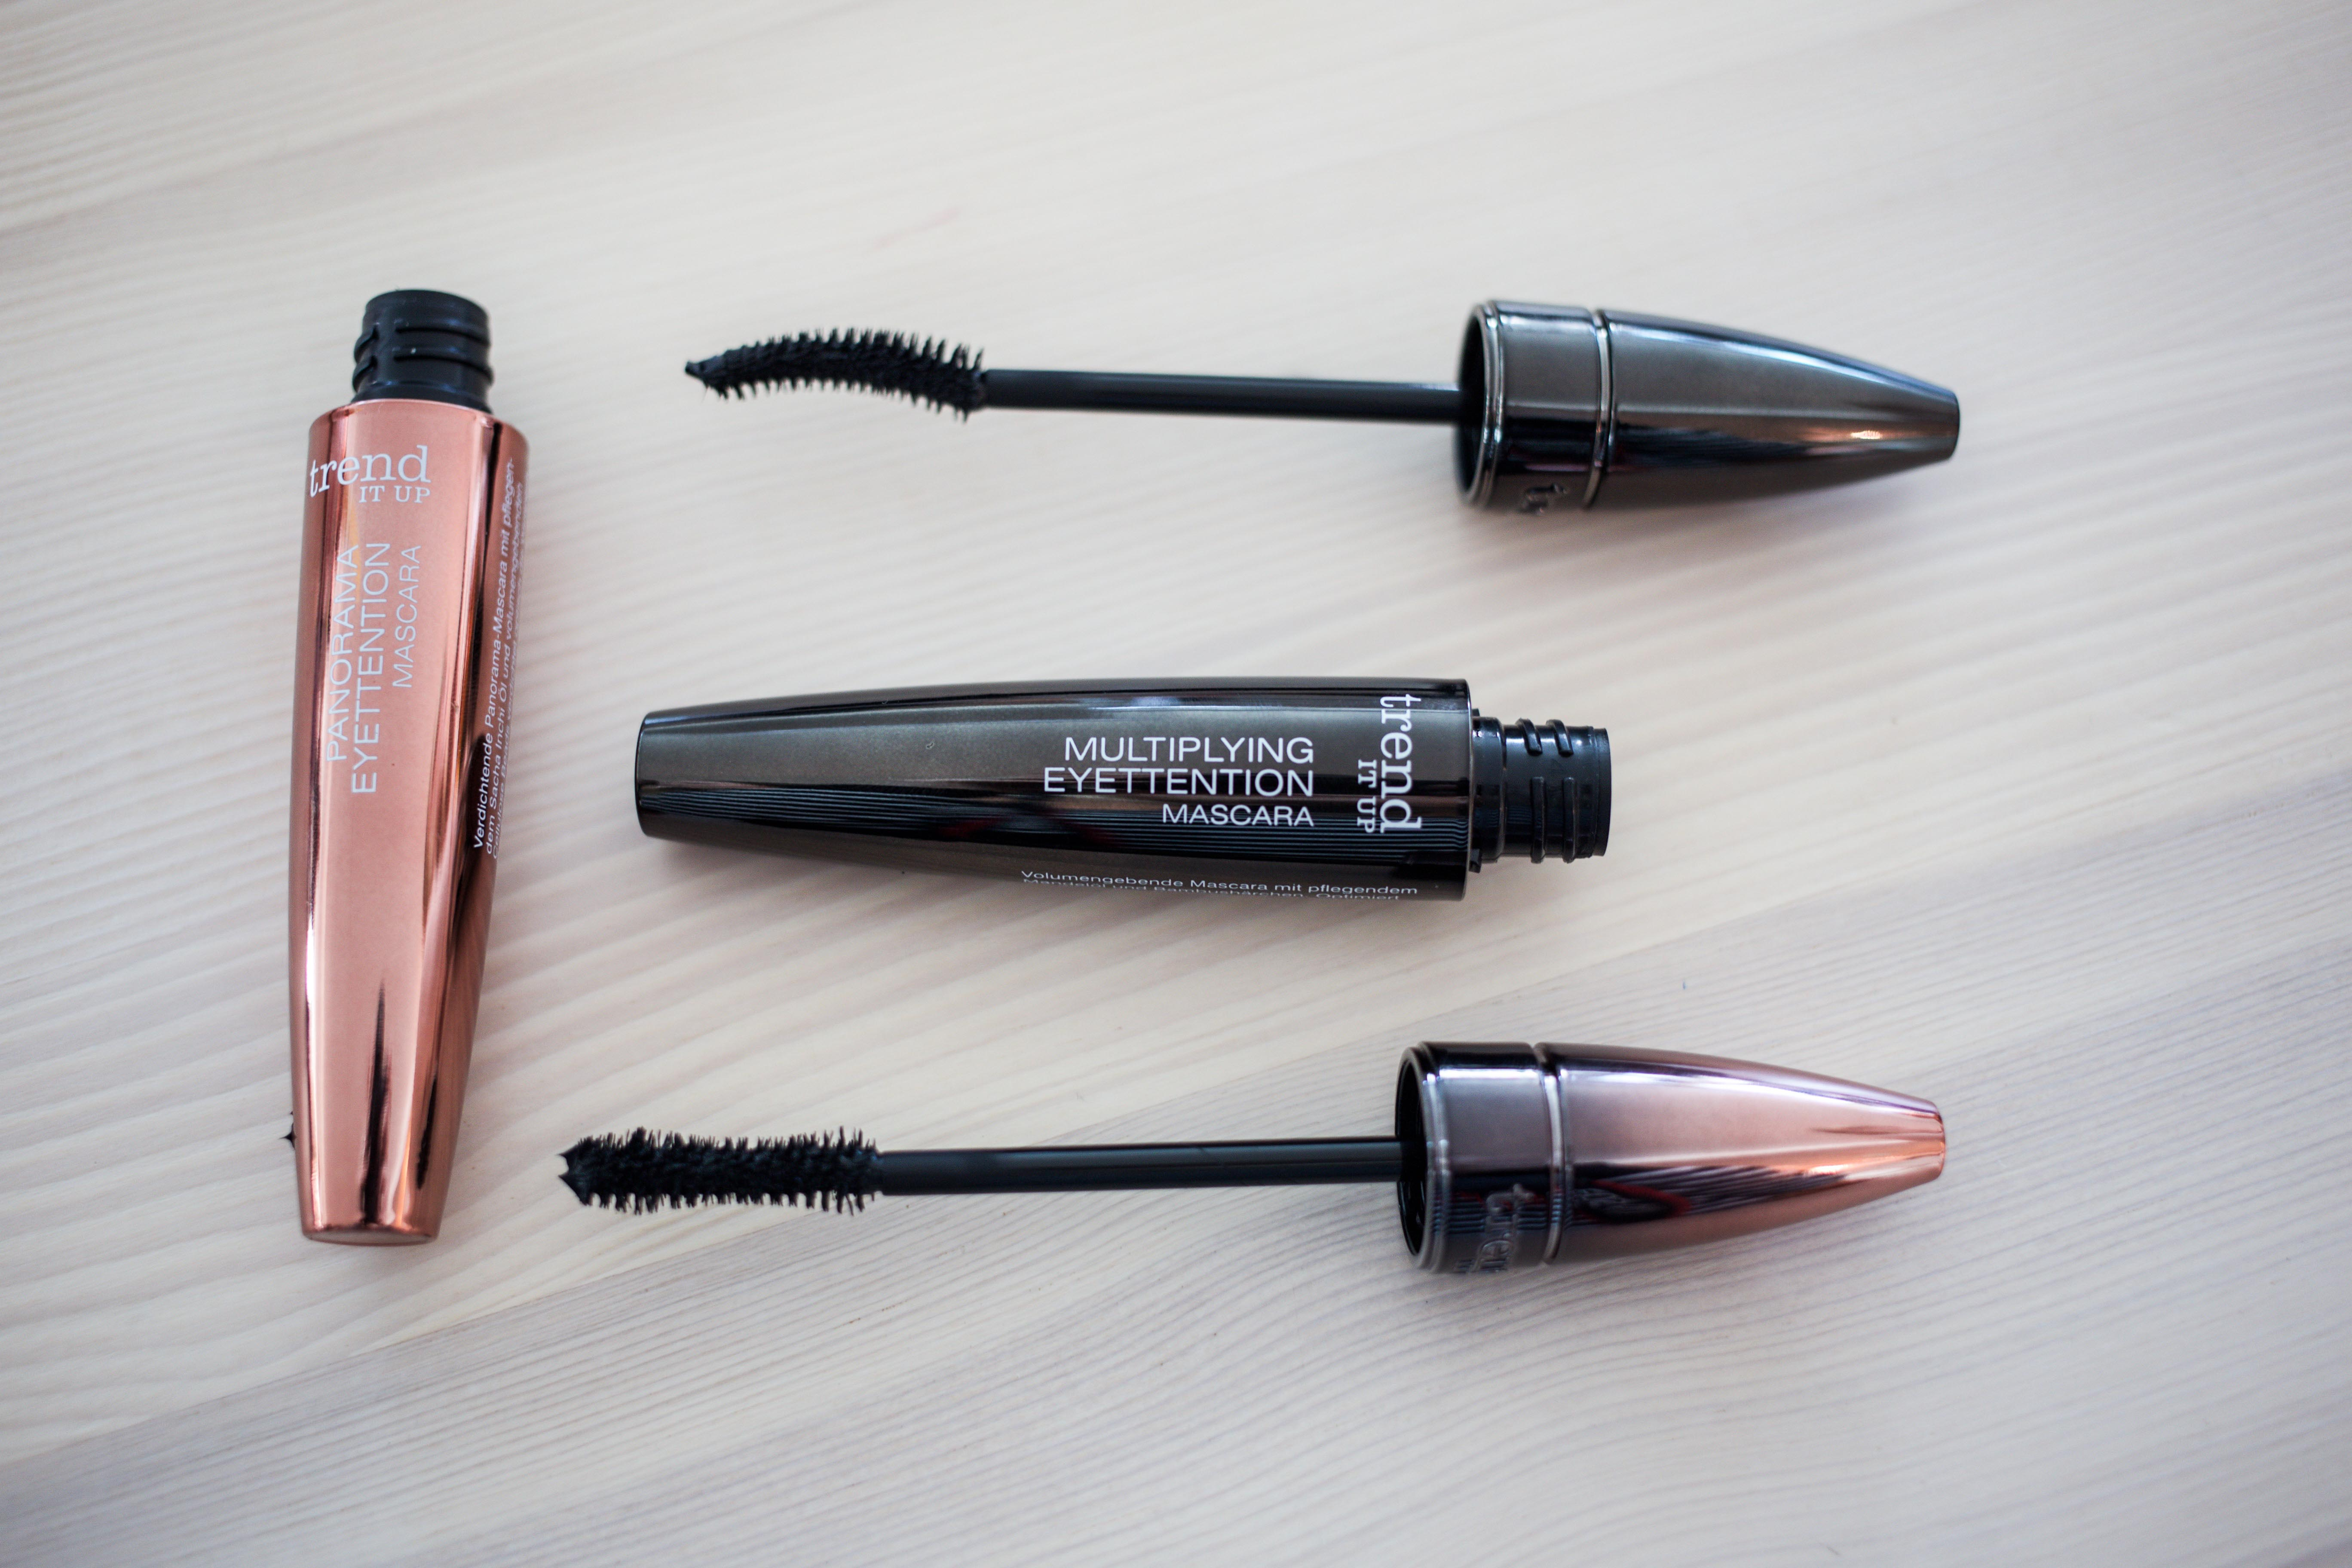 dm-trend-it-up-neuheiten-beauty-make-up-muc_9980